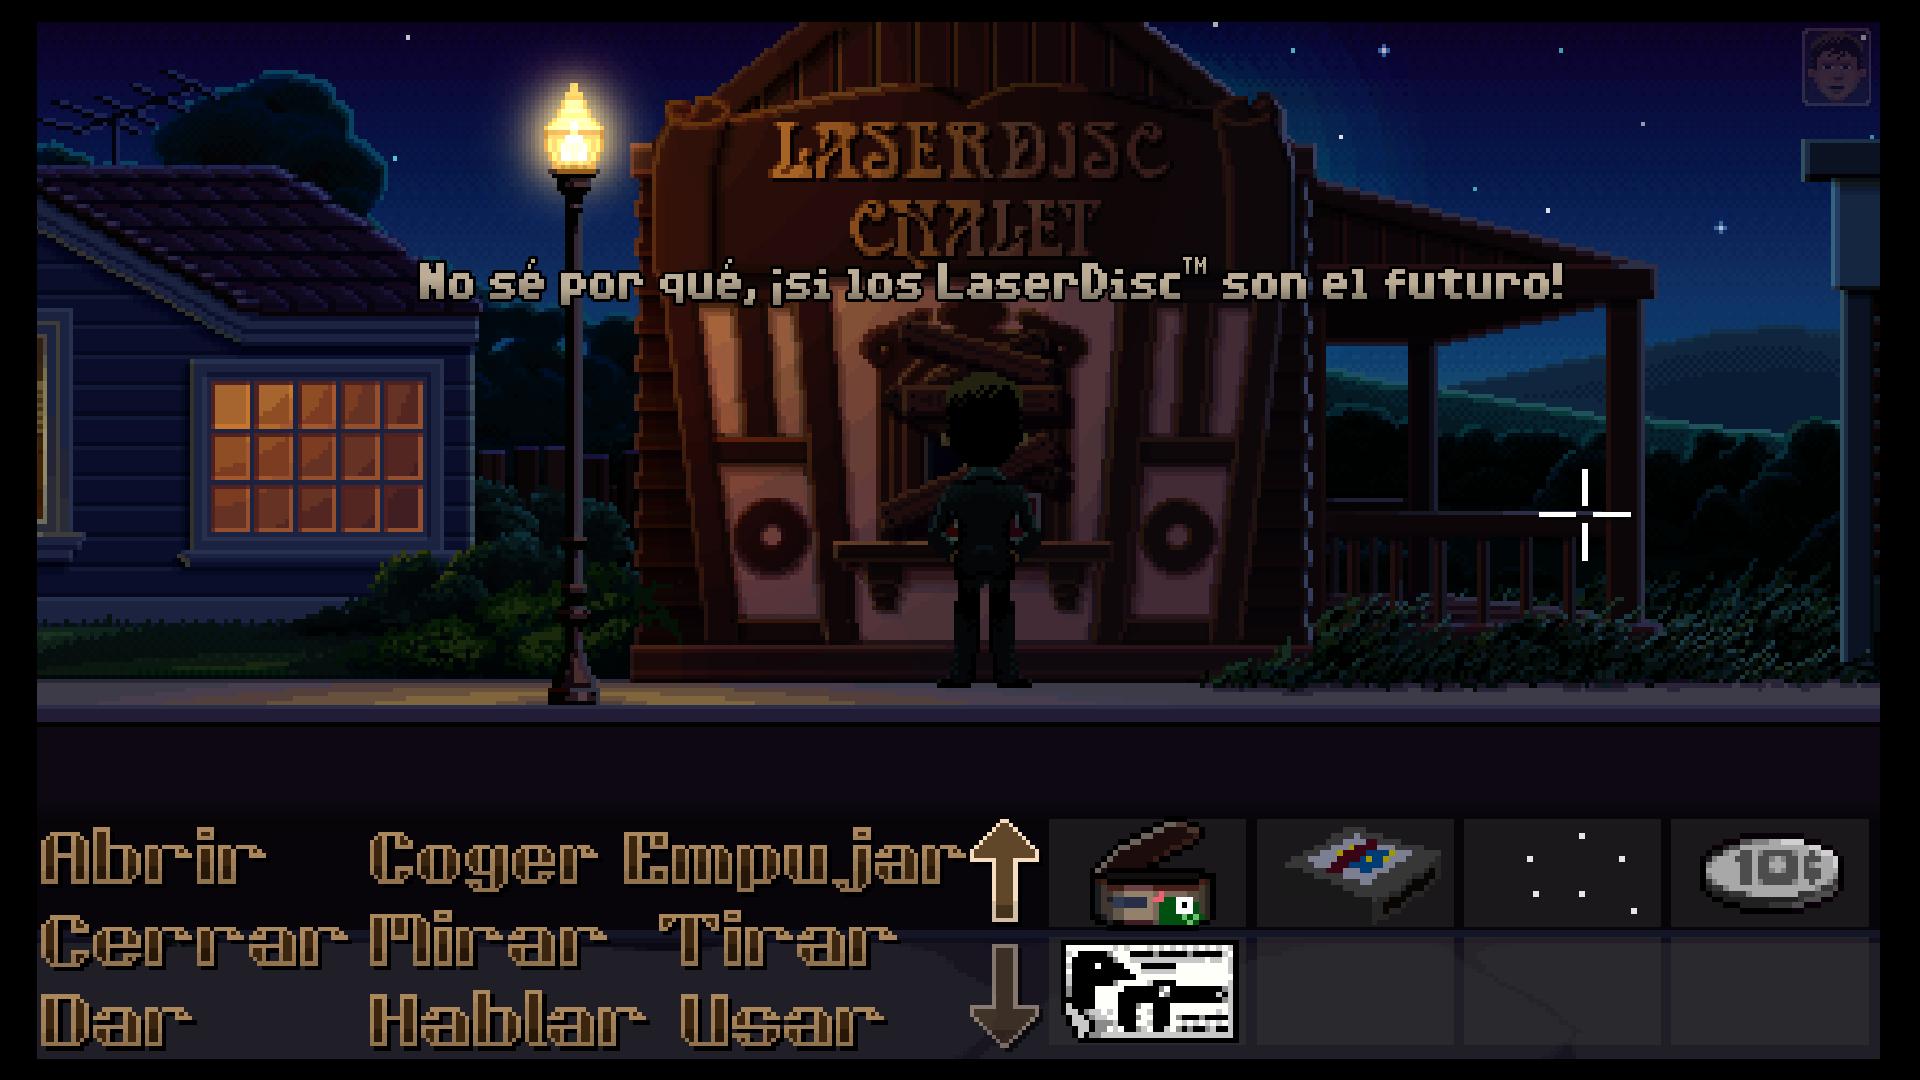 Agente Reyes viendo tienda de Laser Discs